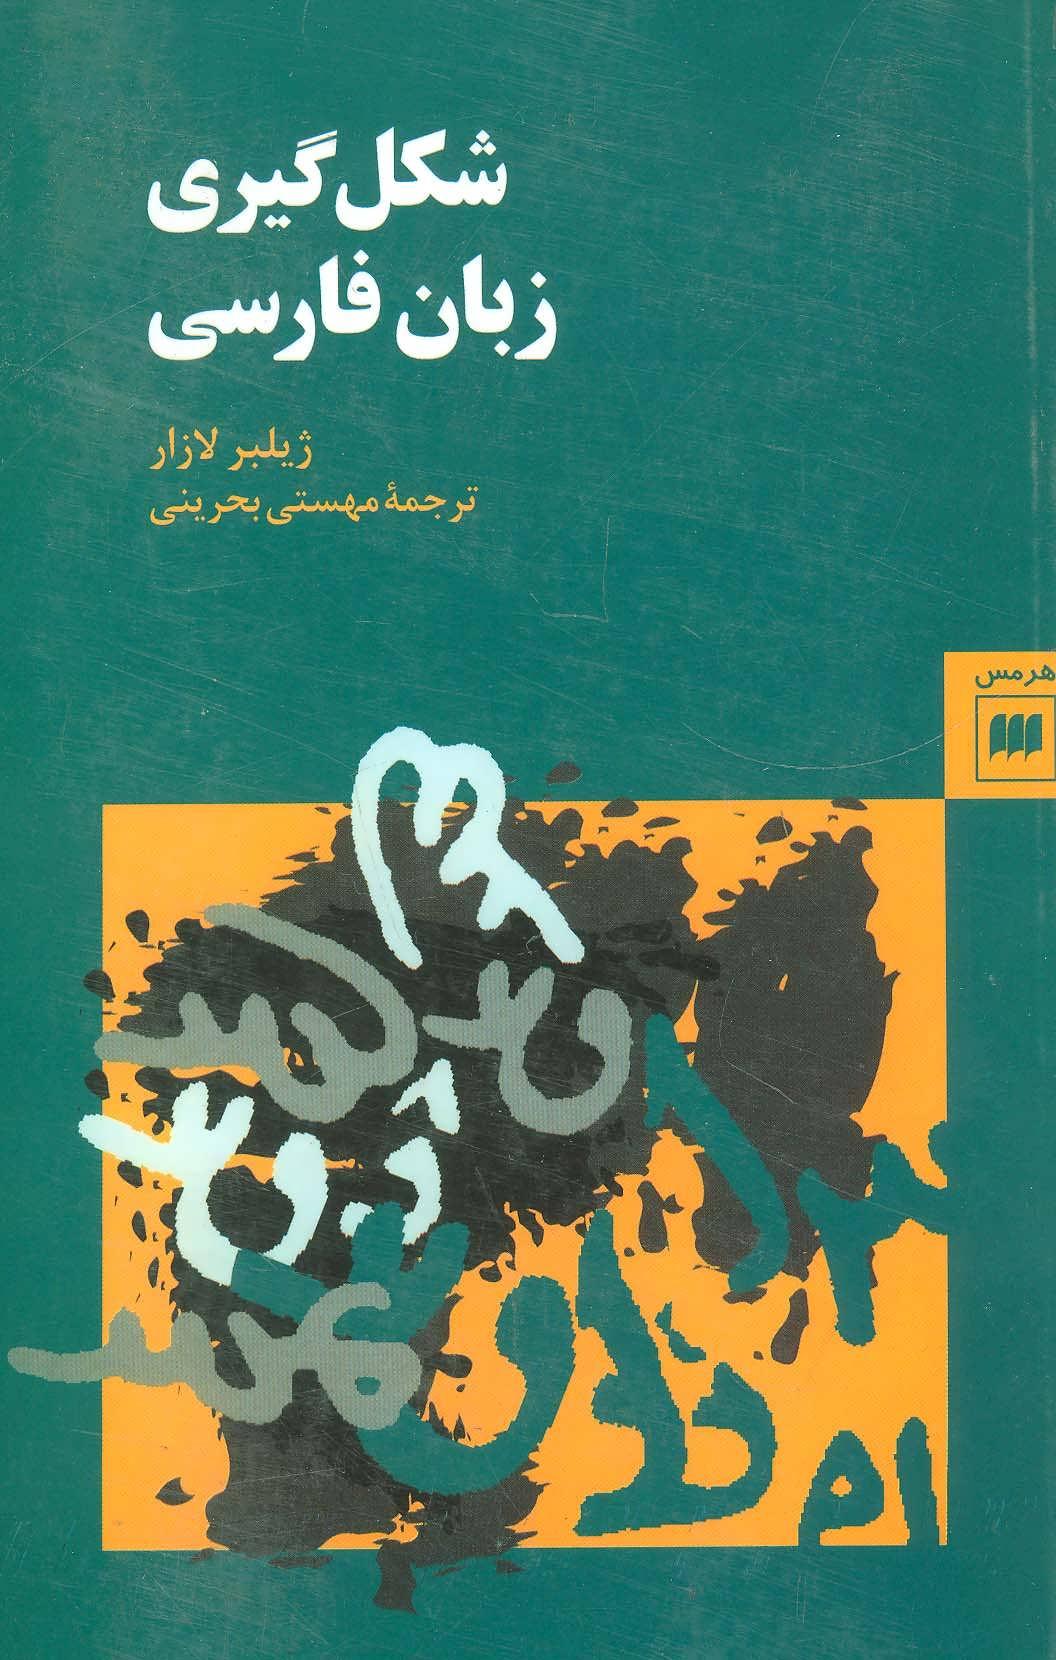 شکل گیری زبان فارسی (زبان و ادبیات22)